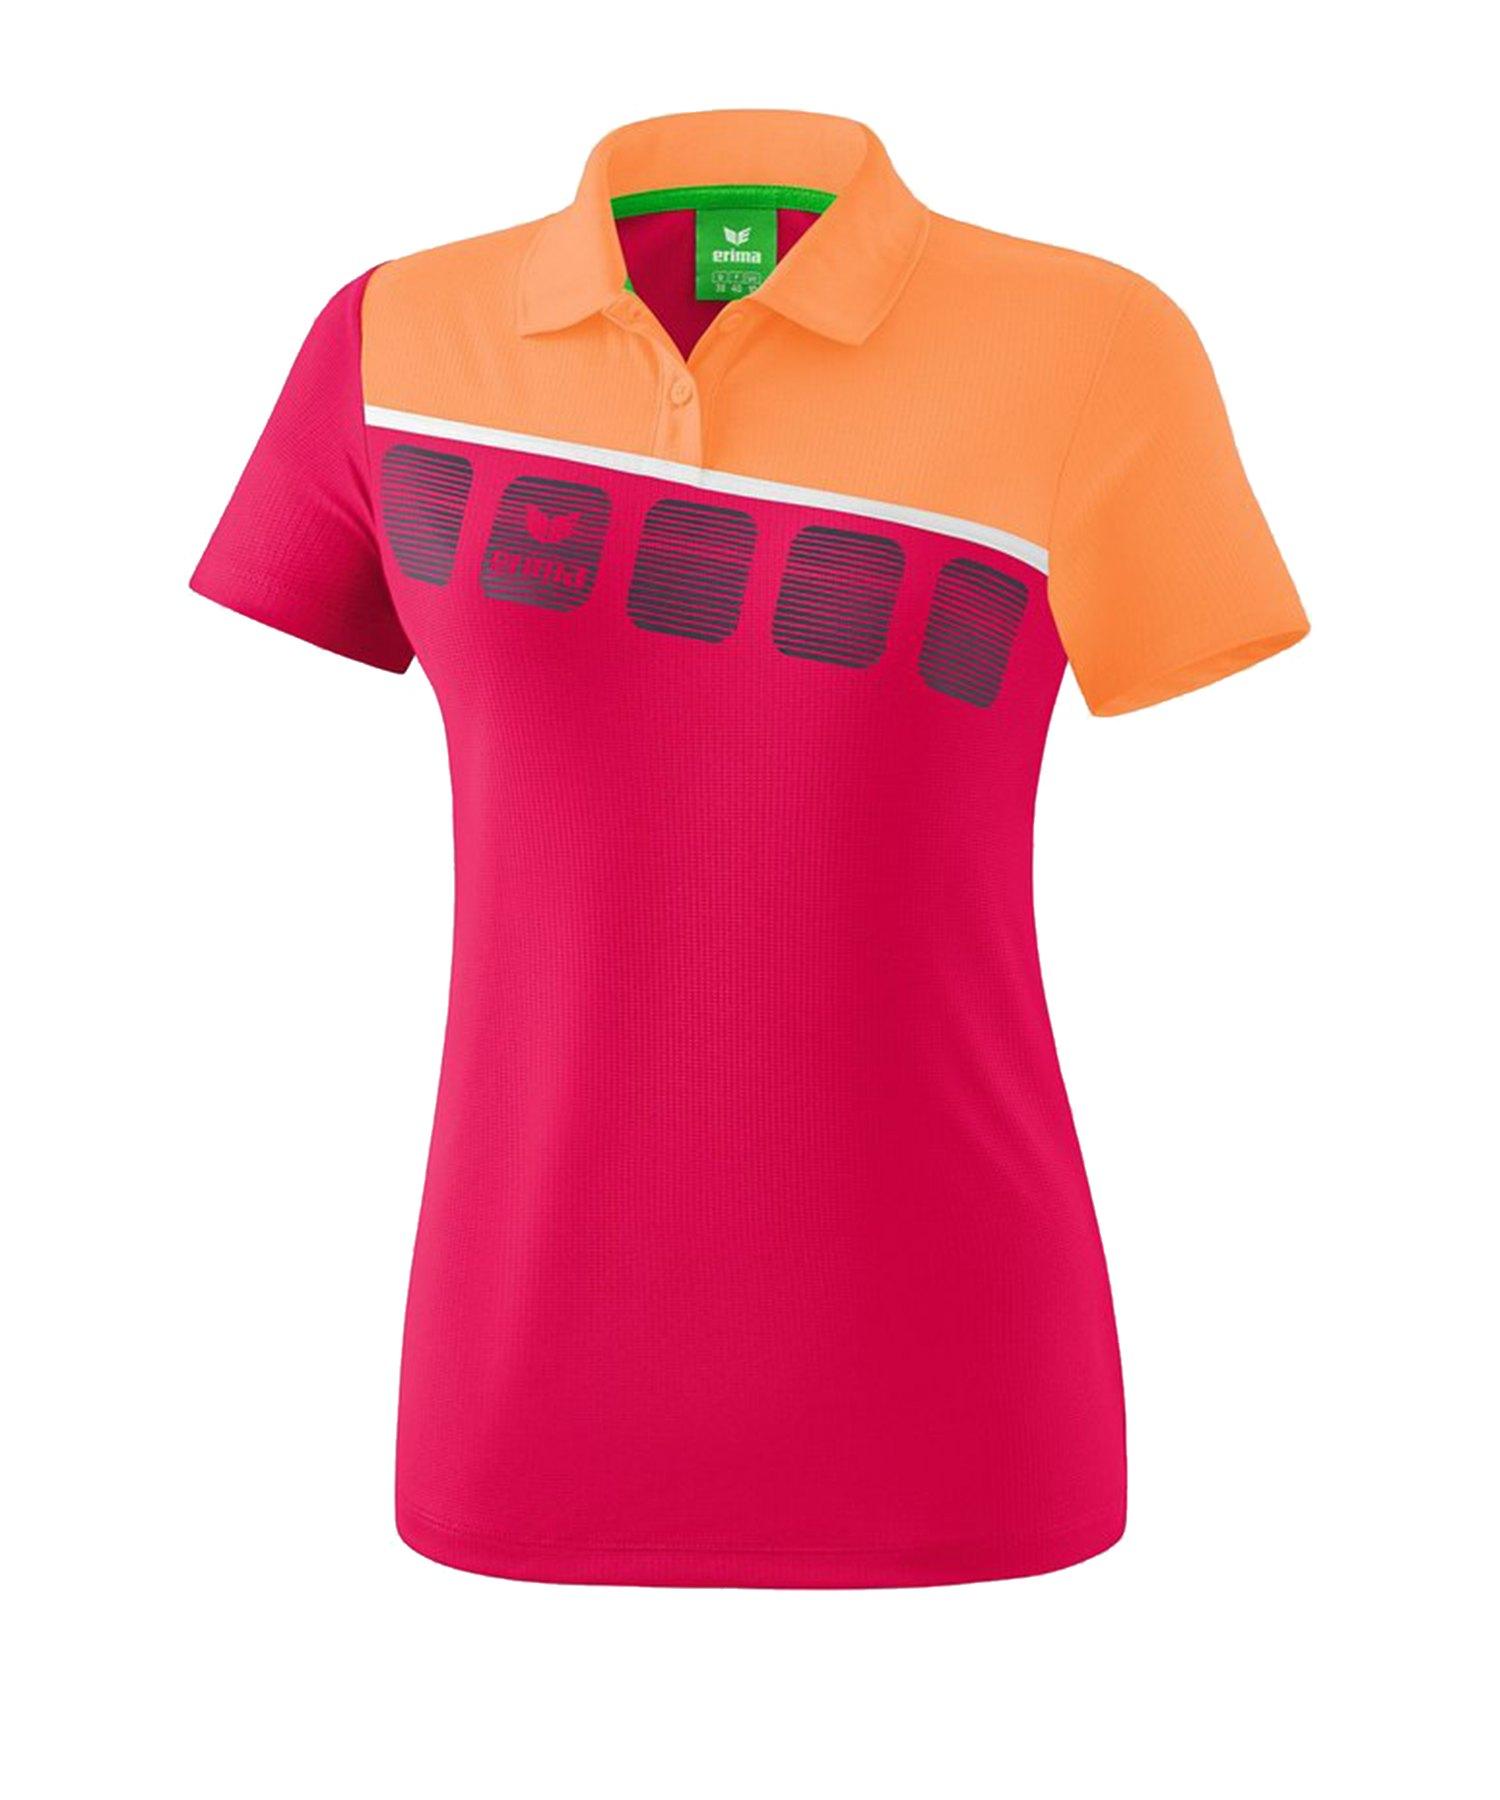 Erima 5-C Poloshirt Kids Pink Orange - Pink